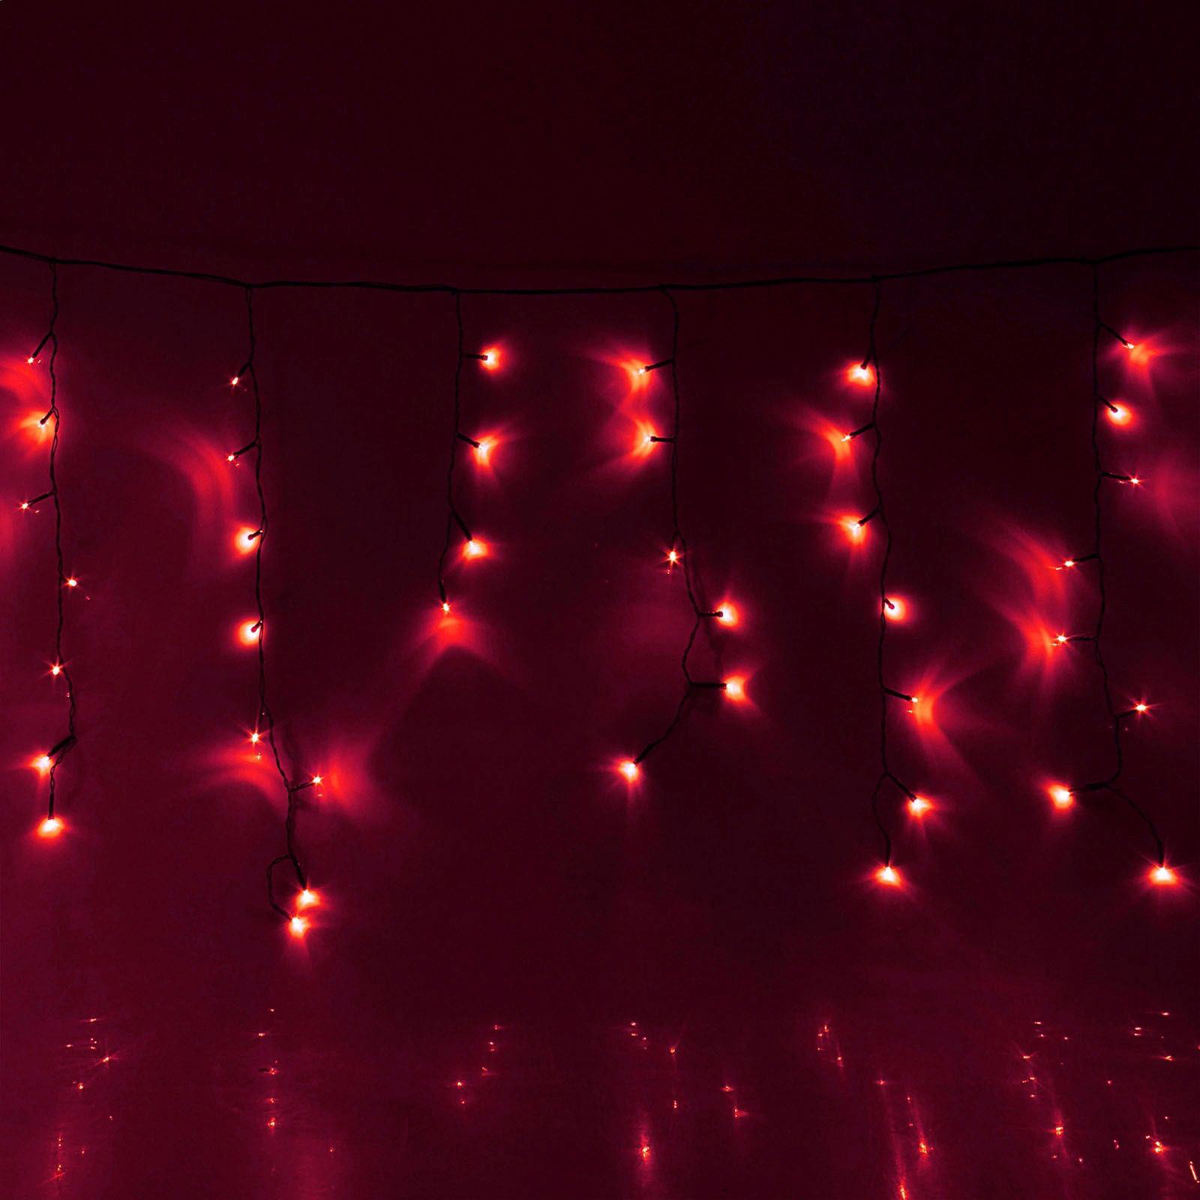 Гирлянда светодиодная Luazon Бахрома, 8 режимов, 120 ламп, 220 V, цвет: красный, 2,4 х 0,6 м. 671597671597Светодиодные гирлянды, ленты и т.д — это отличный вариант для новогоднего оформления интерьера или фасада. С их помощью помещение любого размера можно превратить в праздничный зал, а внешние элементы зданий, украшенные ими, мгновенно станут напоминать очертания сказочного дворца. Такие украшения создают ауру предвкушения чуда. Деревья, фасады, витрины, окна и арки будто специально созданы, чтобы вы украсили их светящимися нитями.